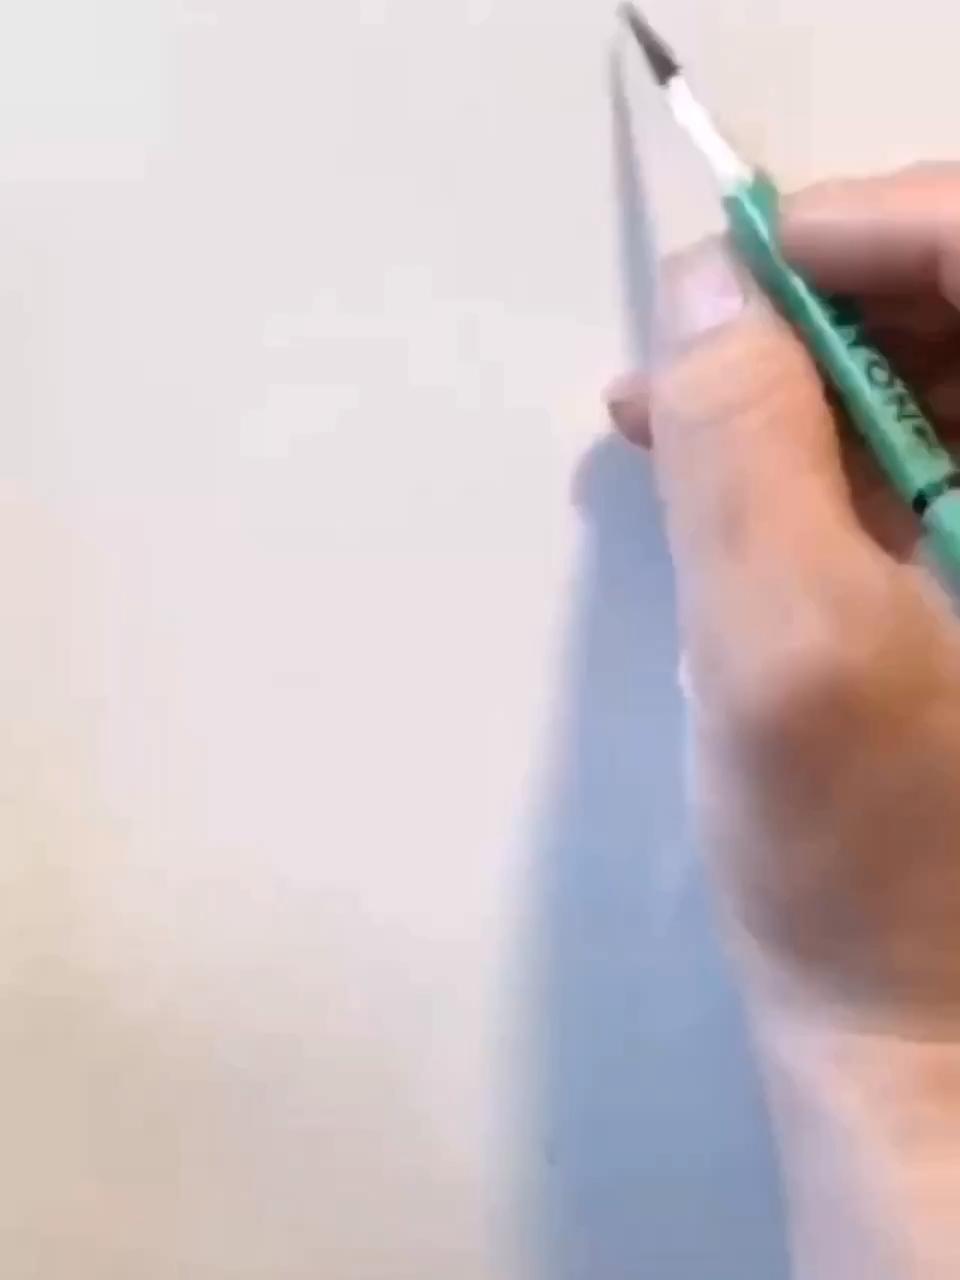 速写人物必备:由眼睛开始勾勒。图:夏理佳,毕业于中央美术学院雕塑系硕士研究生。